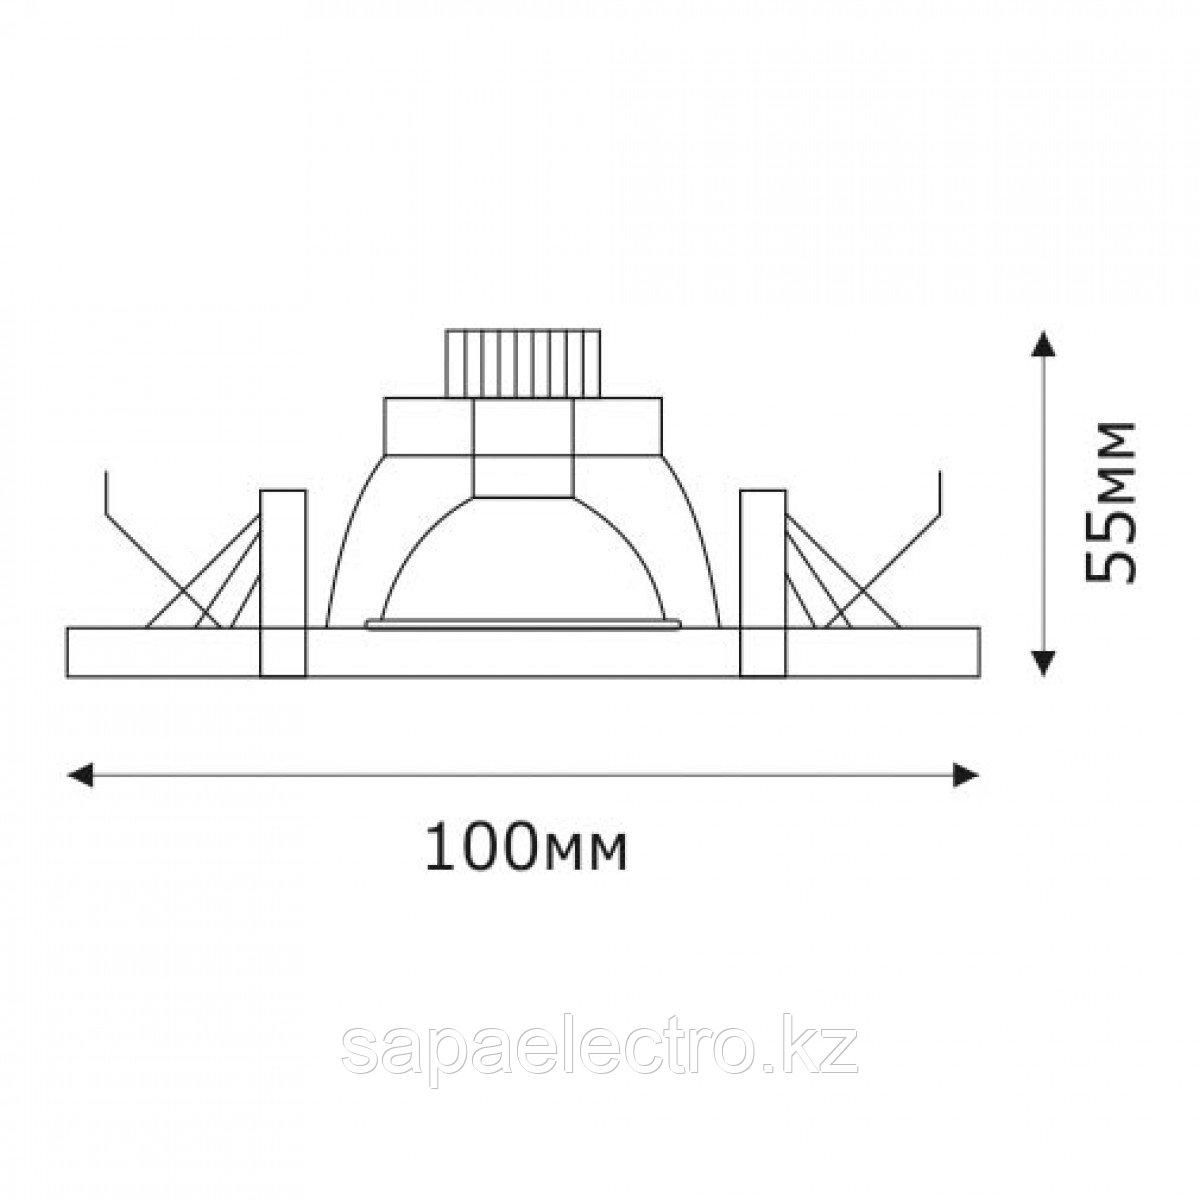 Спот LED HZ-QQ ROUND 3W 5000K (TS) 60шт